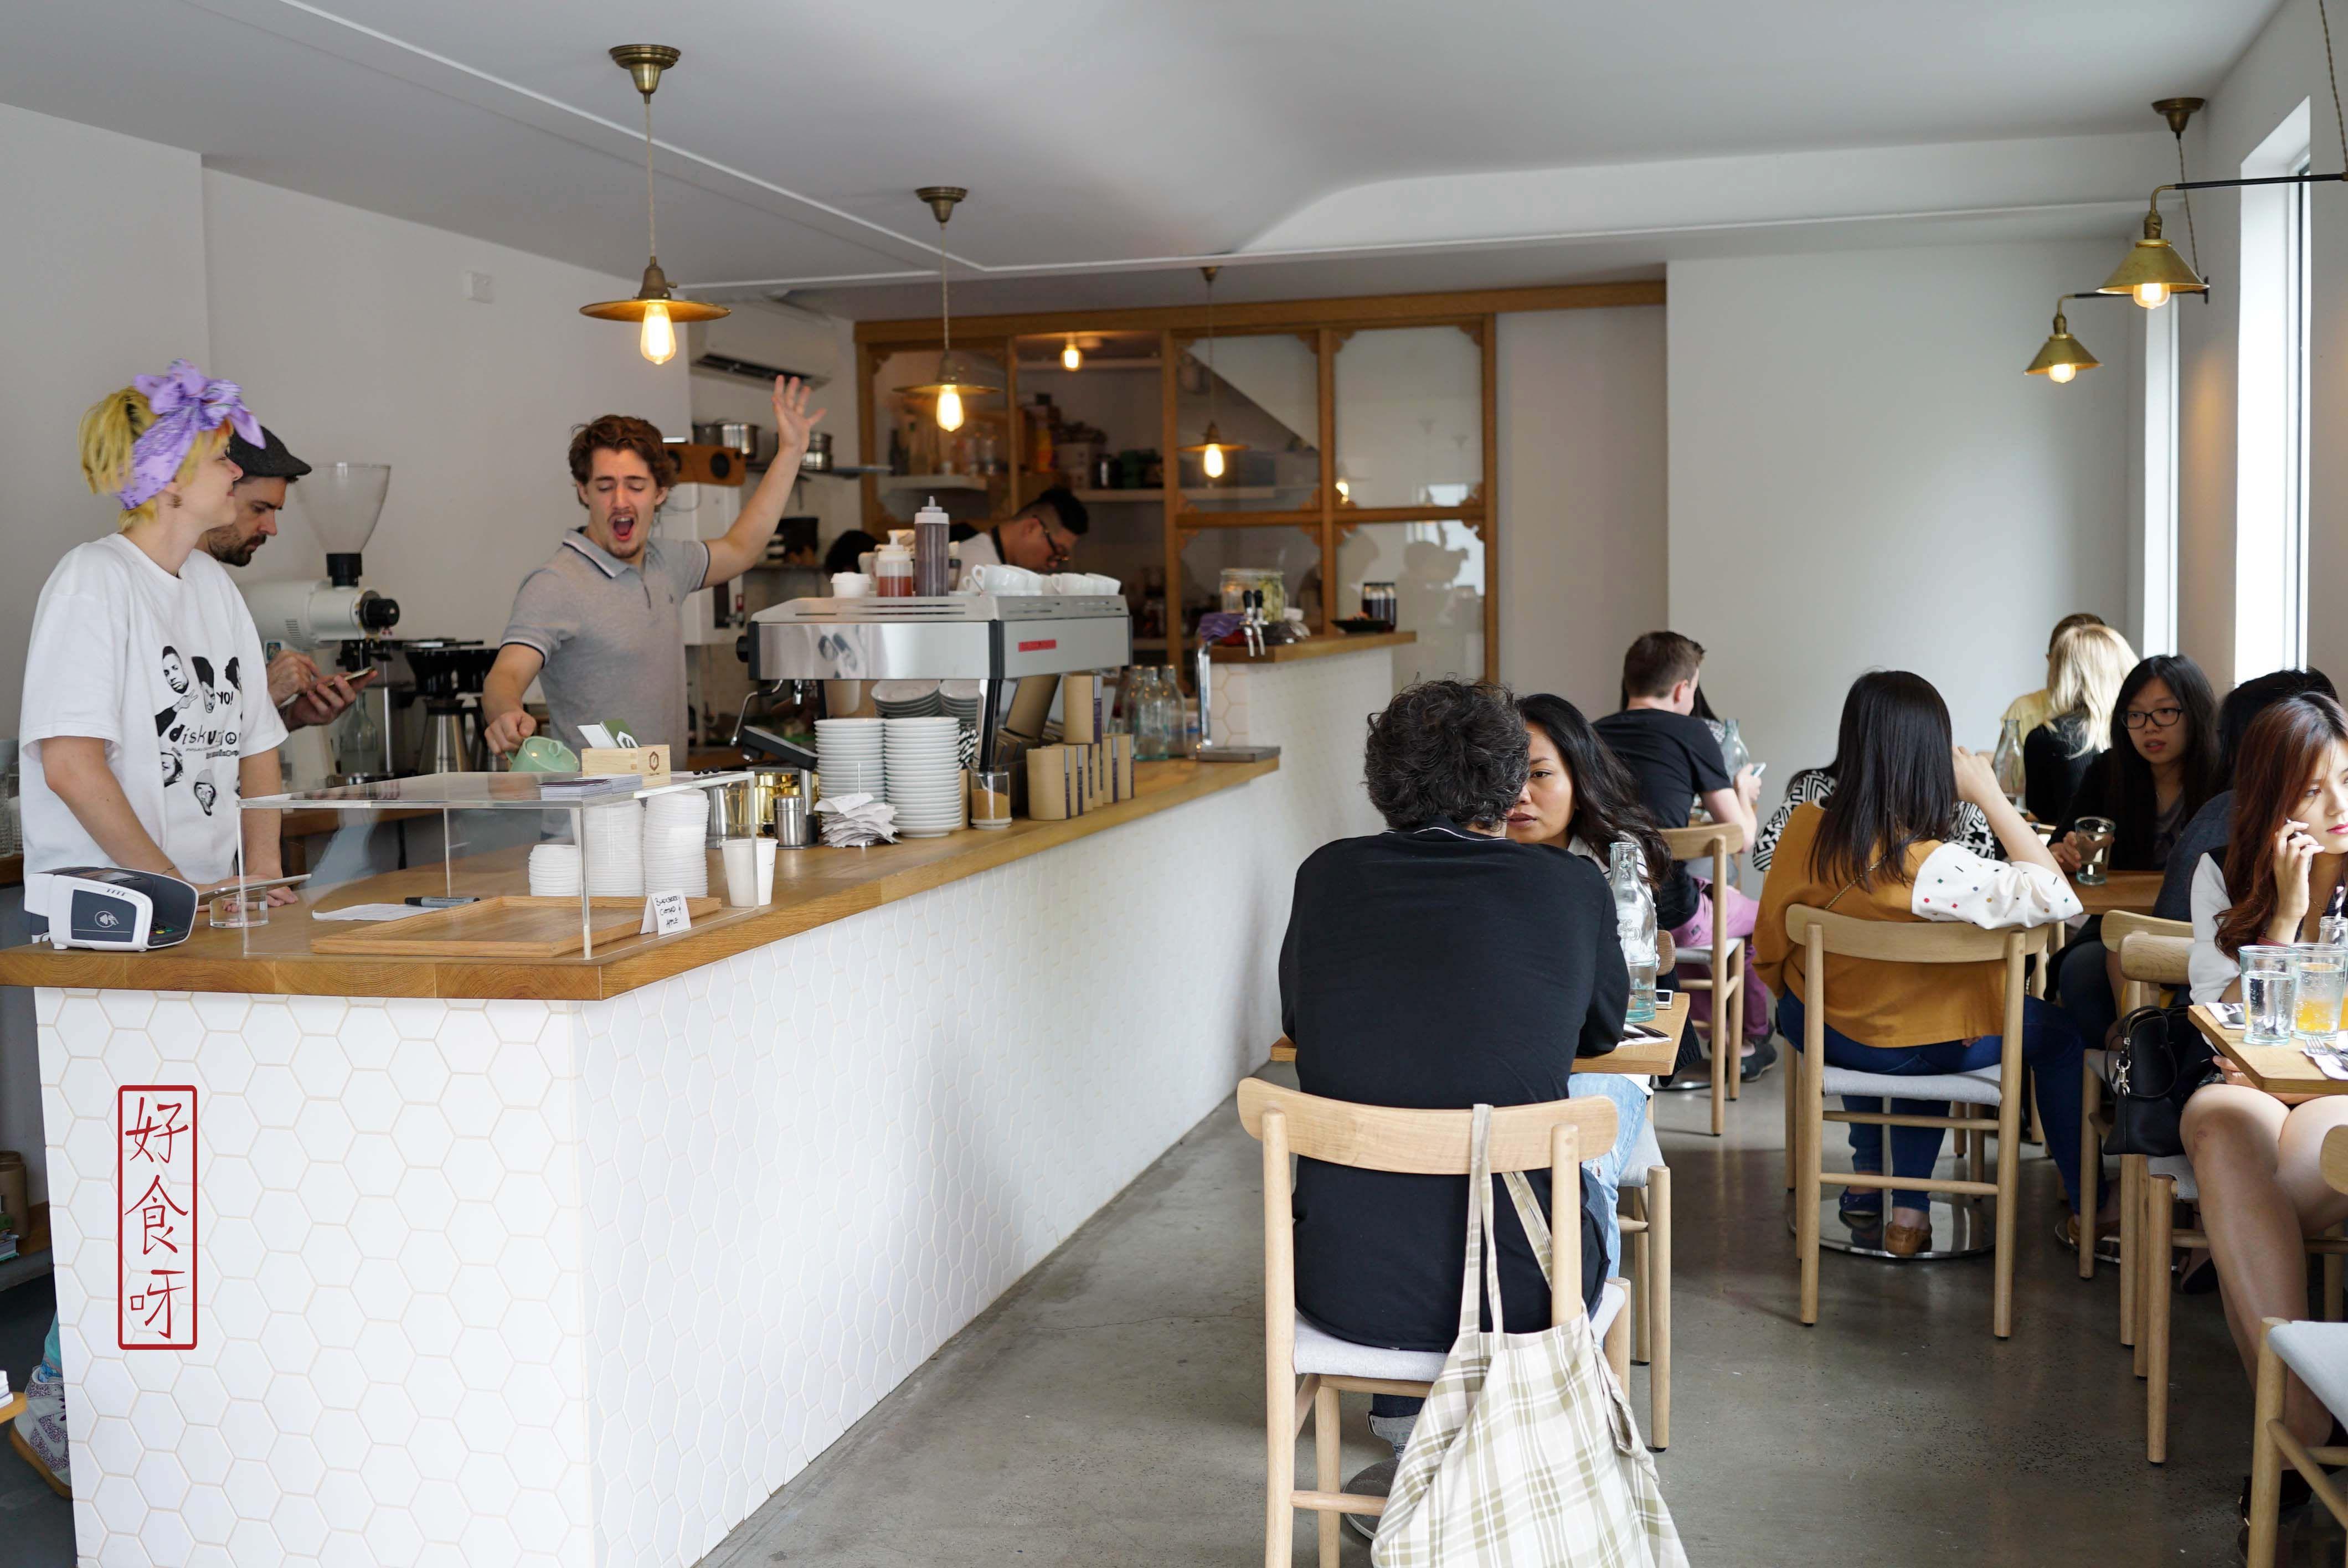 Kav Rna Bistro Edition Coffee Roasters, Sydney - Kav Rny